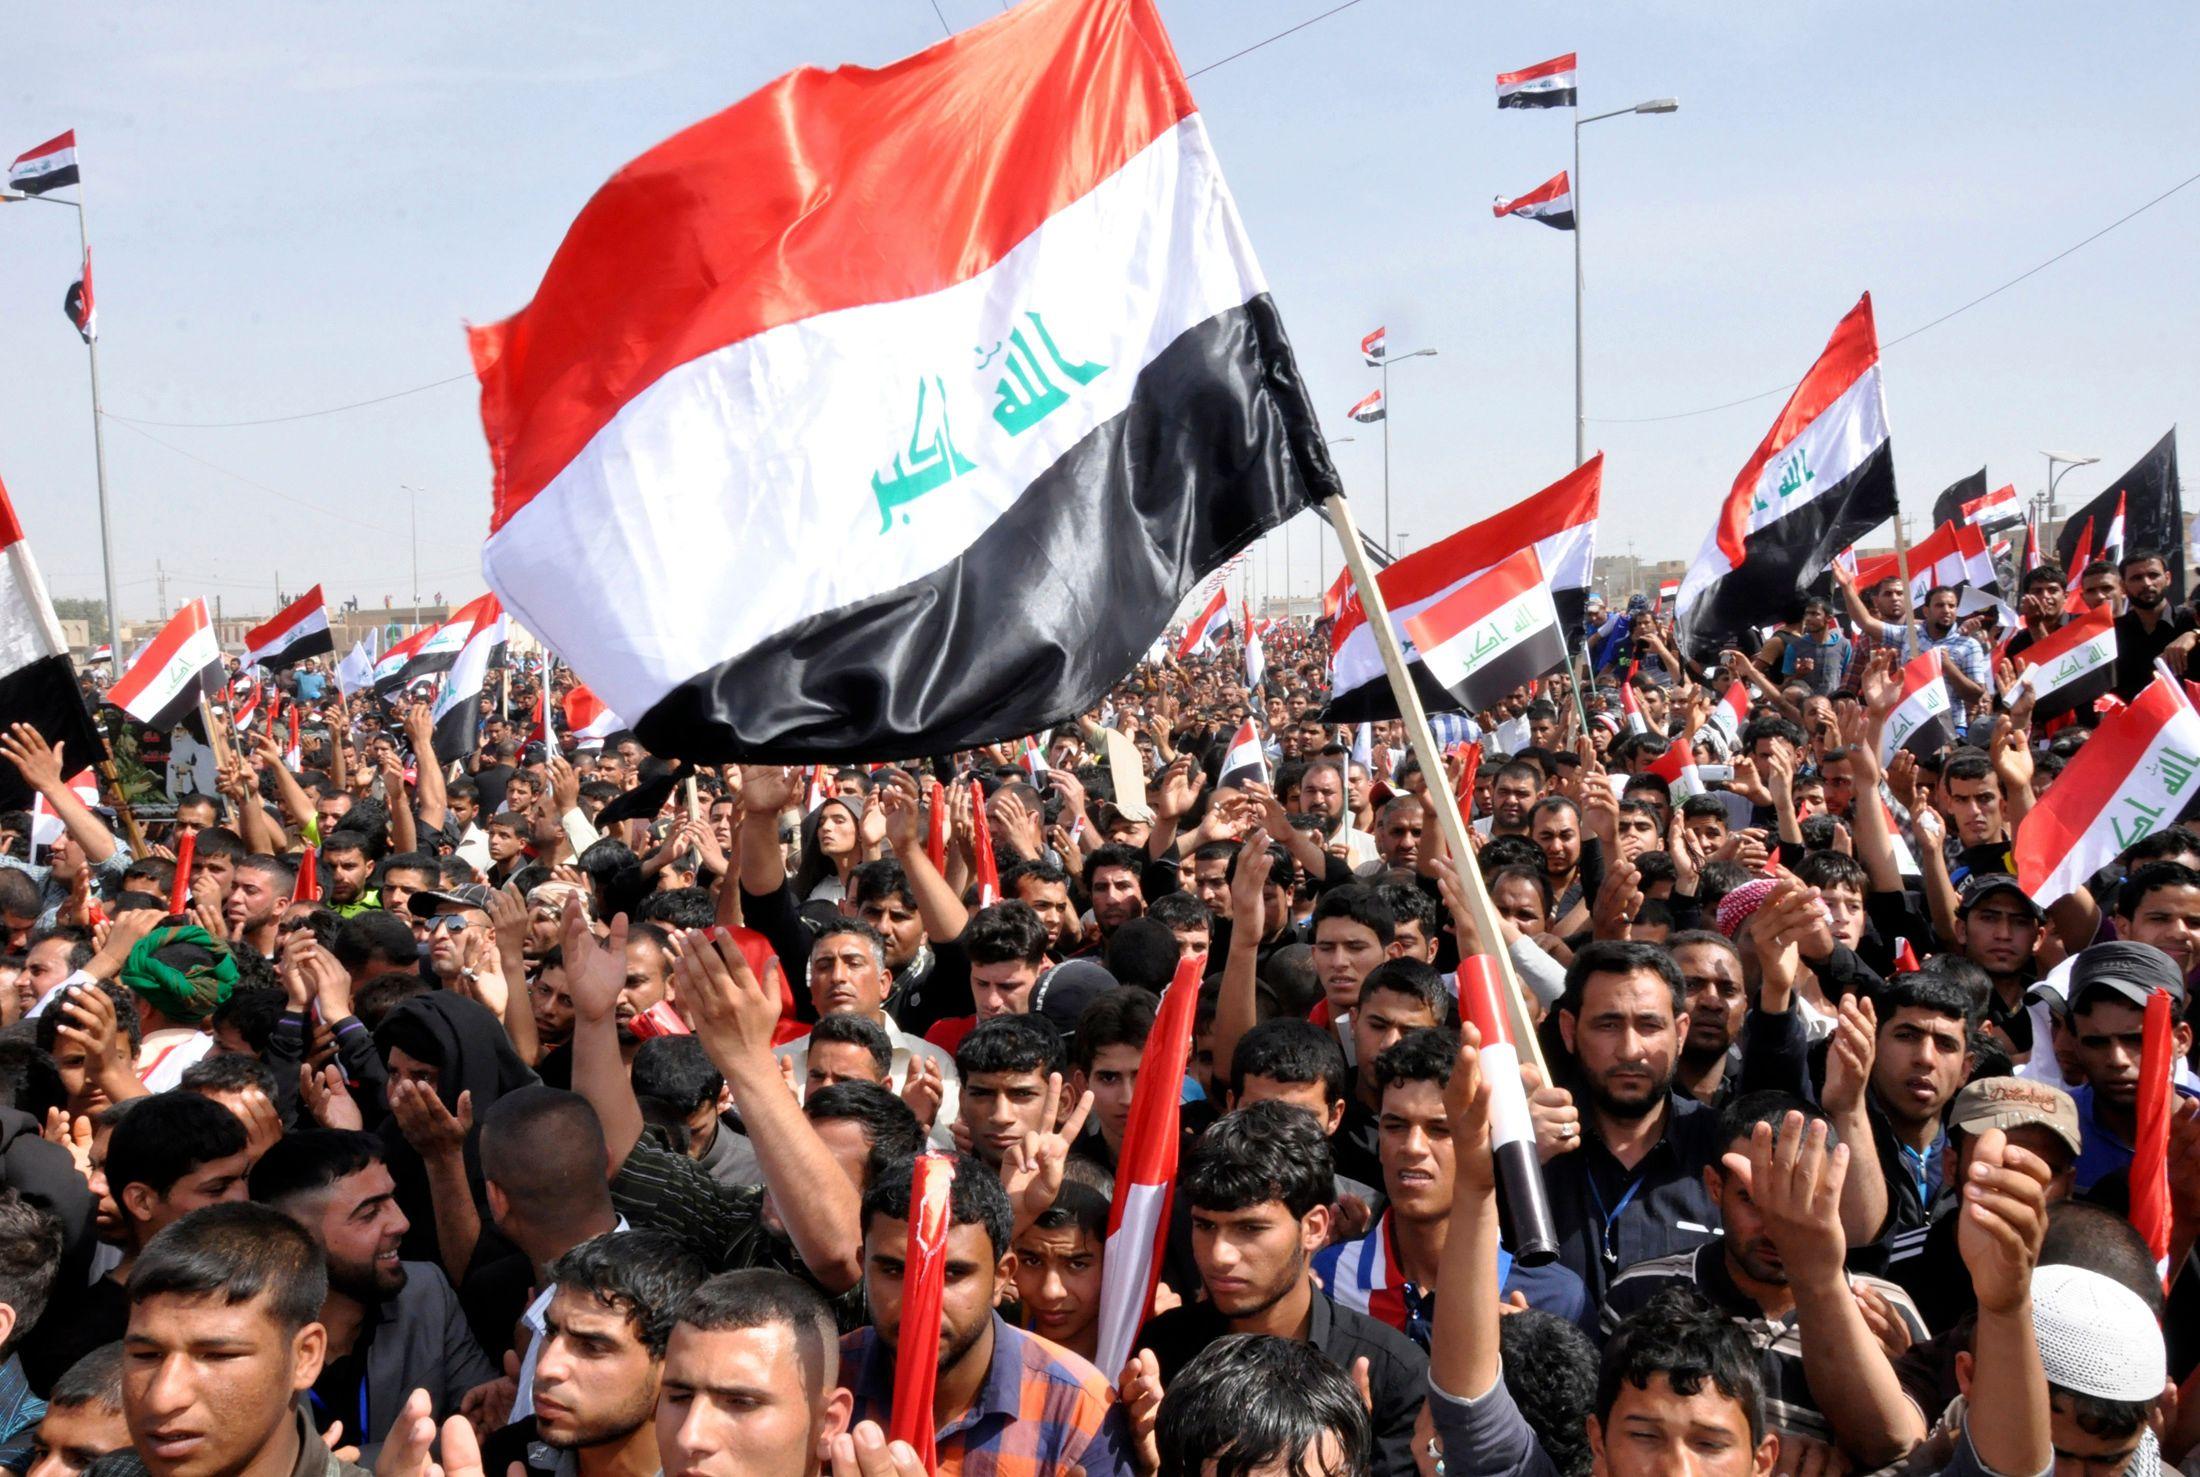 Al-Qaïda a revendiqué la série d'attentats qui a frappé l'Irak mardi